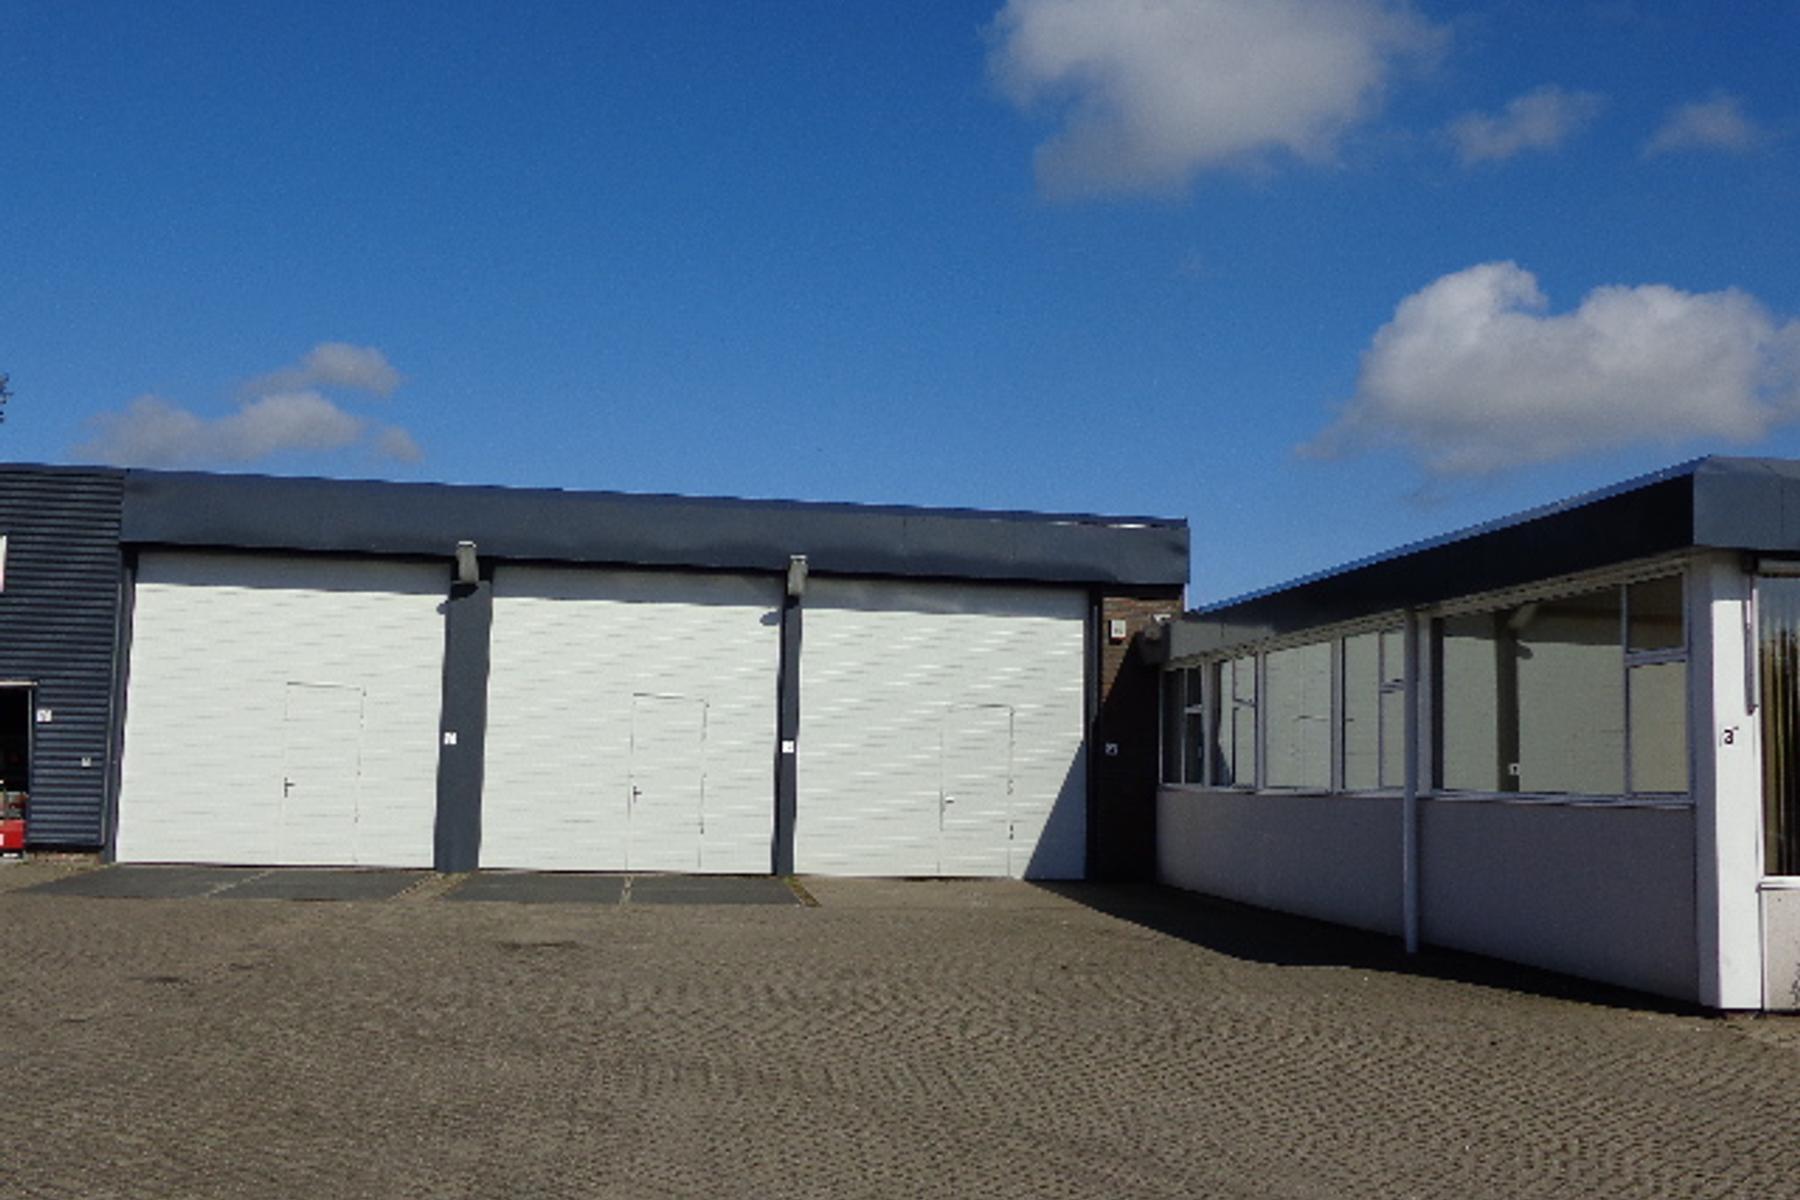 Skagerrakstraat 3 in Zutphen 7202 BZ: Bedrijfsruimte te huur. - FJ ...